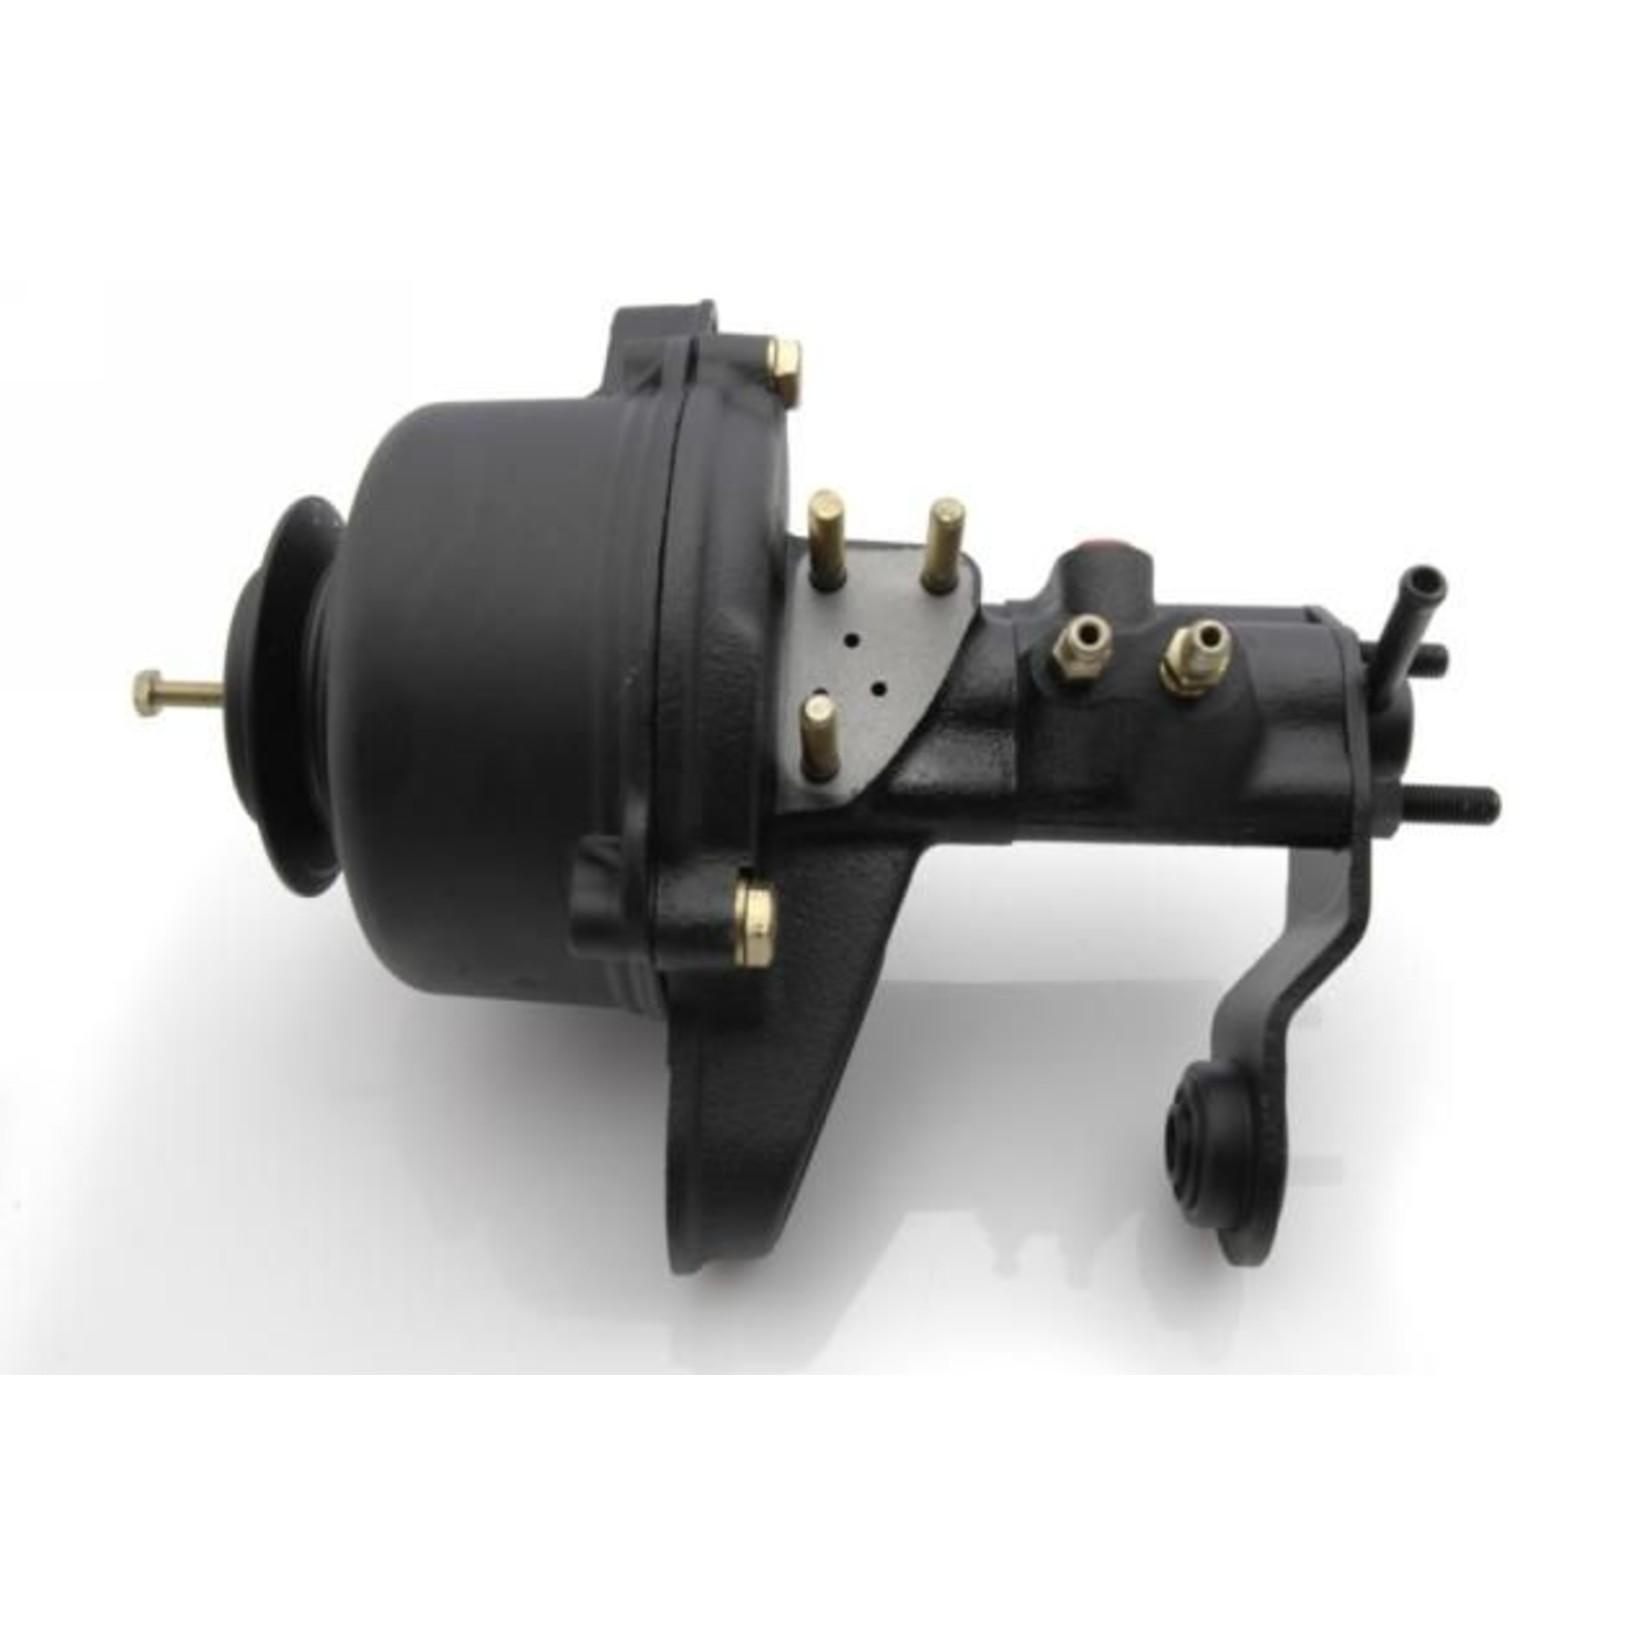 Régulateur centrifugal embrayage reconditionnée LHS Nr Org: DX314017